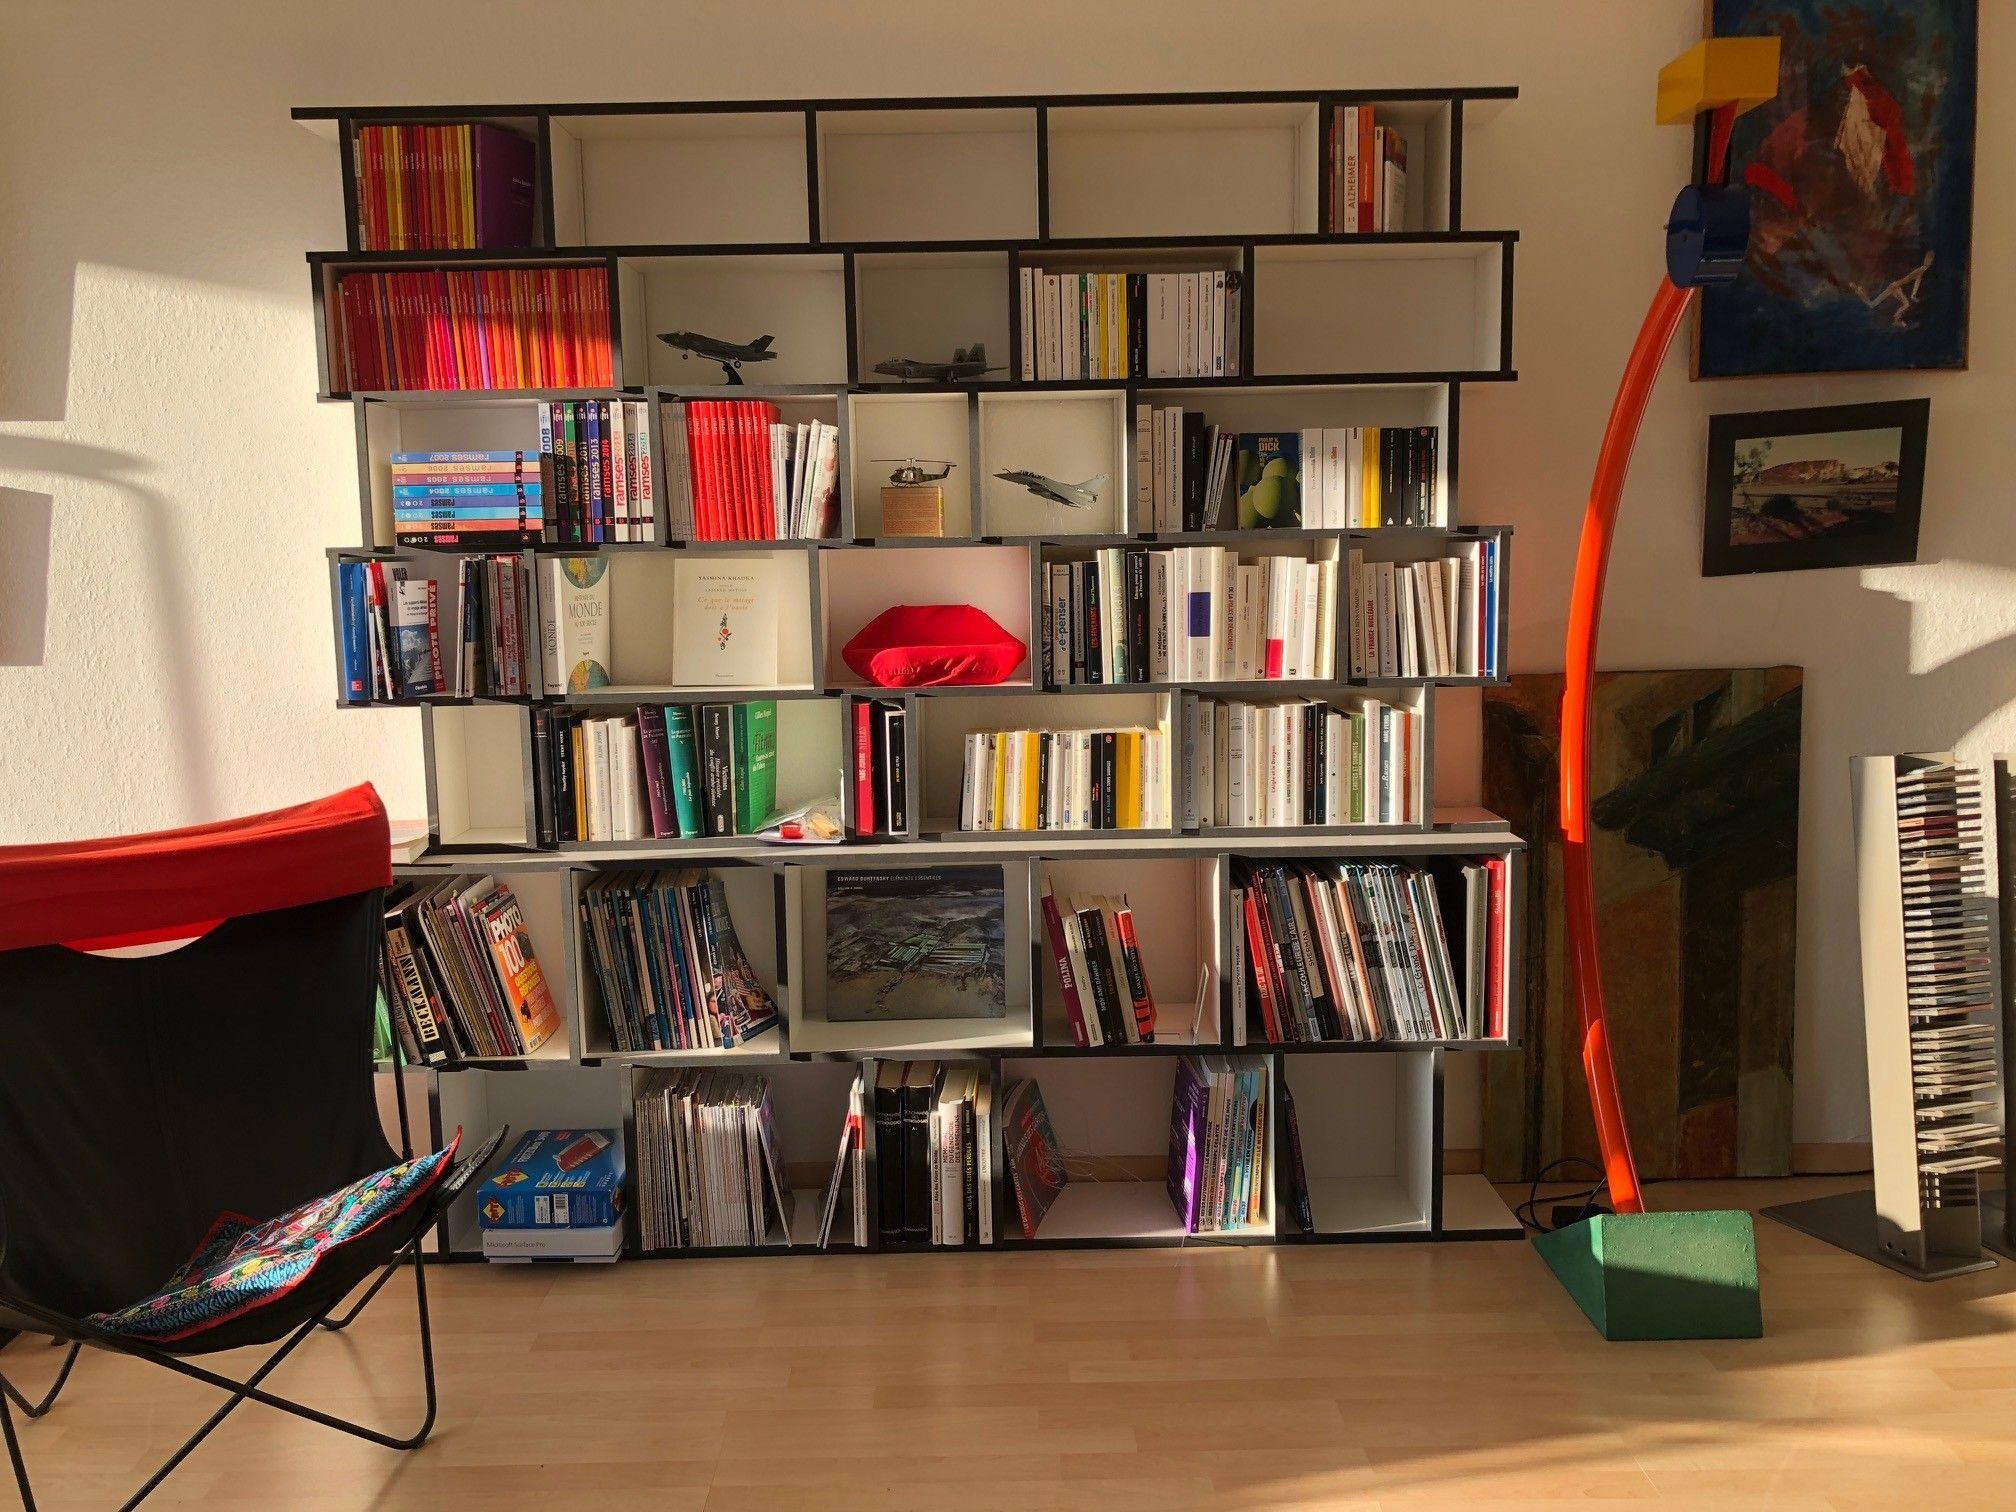 Aucun Probleme Surtout Pour La Livraison Parfaite En Temps Et Heure Jacques R Plus D Exemples Www Perfectbookshelf Eu Fr Mobilier De Salon Maison Design